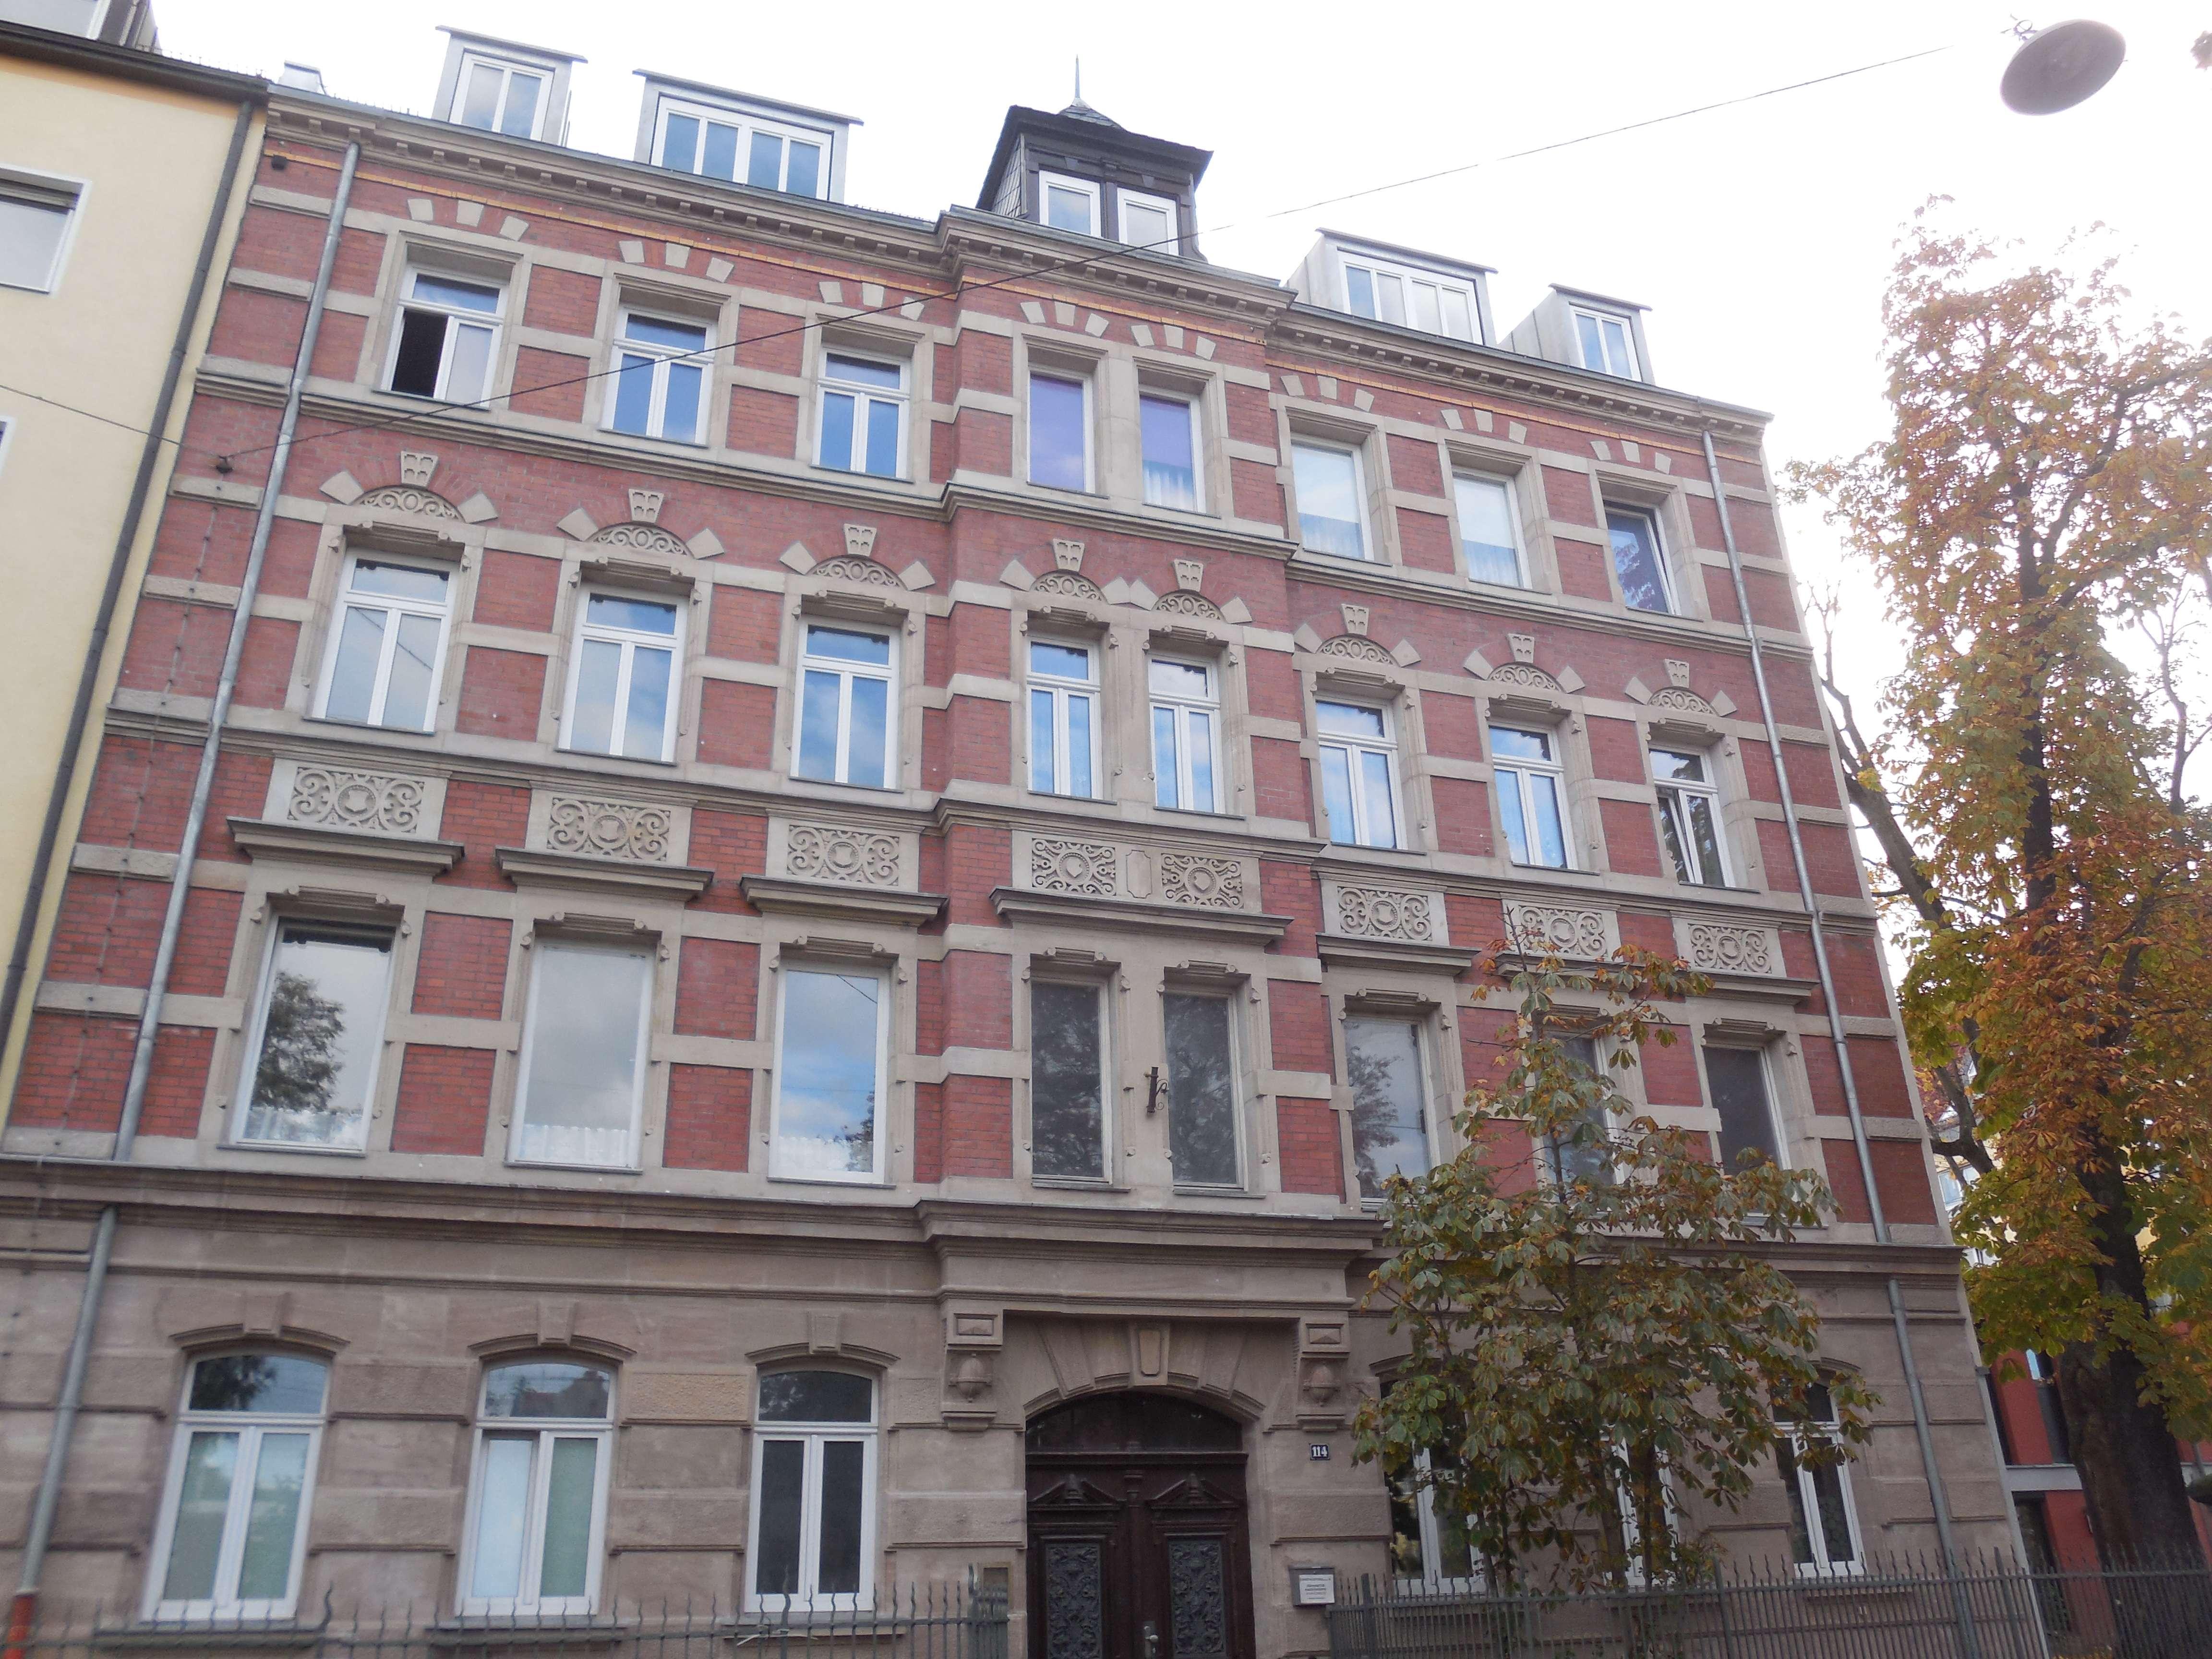 Erstbezug! Wohntraum - 2 Zimmer Dachgeschosswohnung mit Terrasse zu vermieten in Südstadt (Fürth)